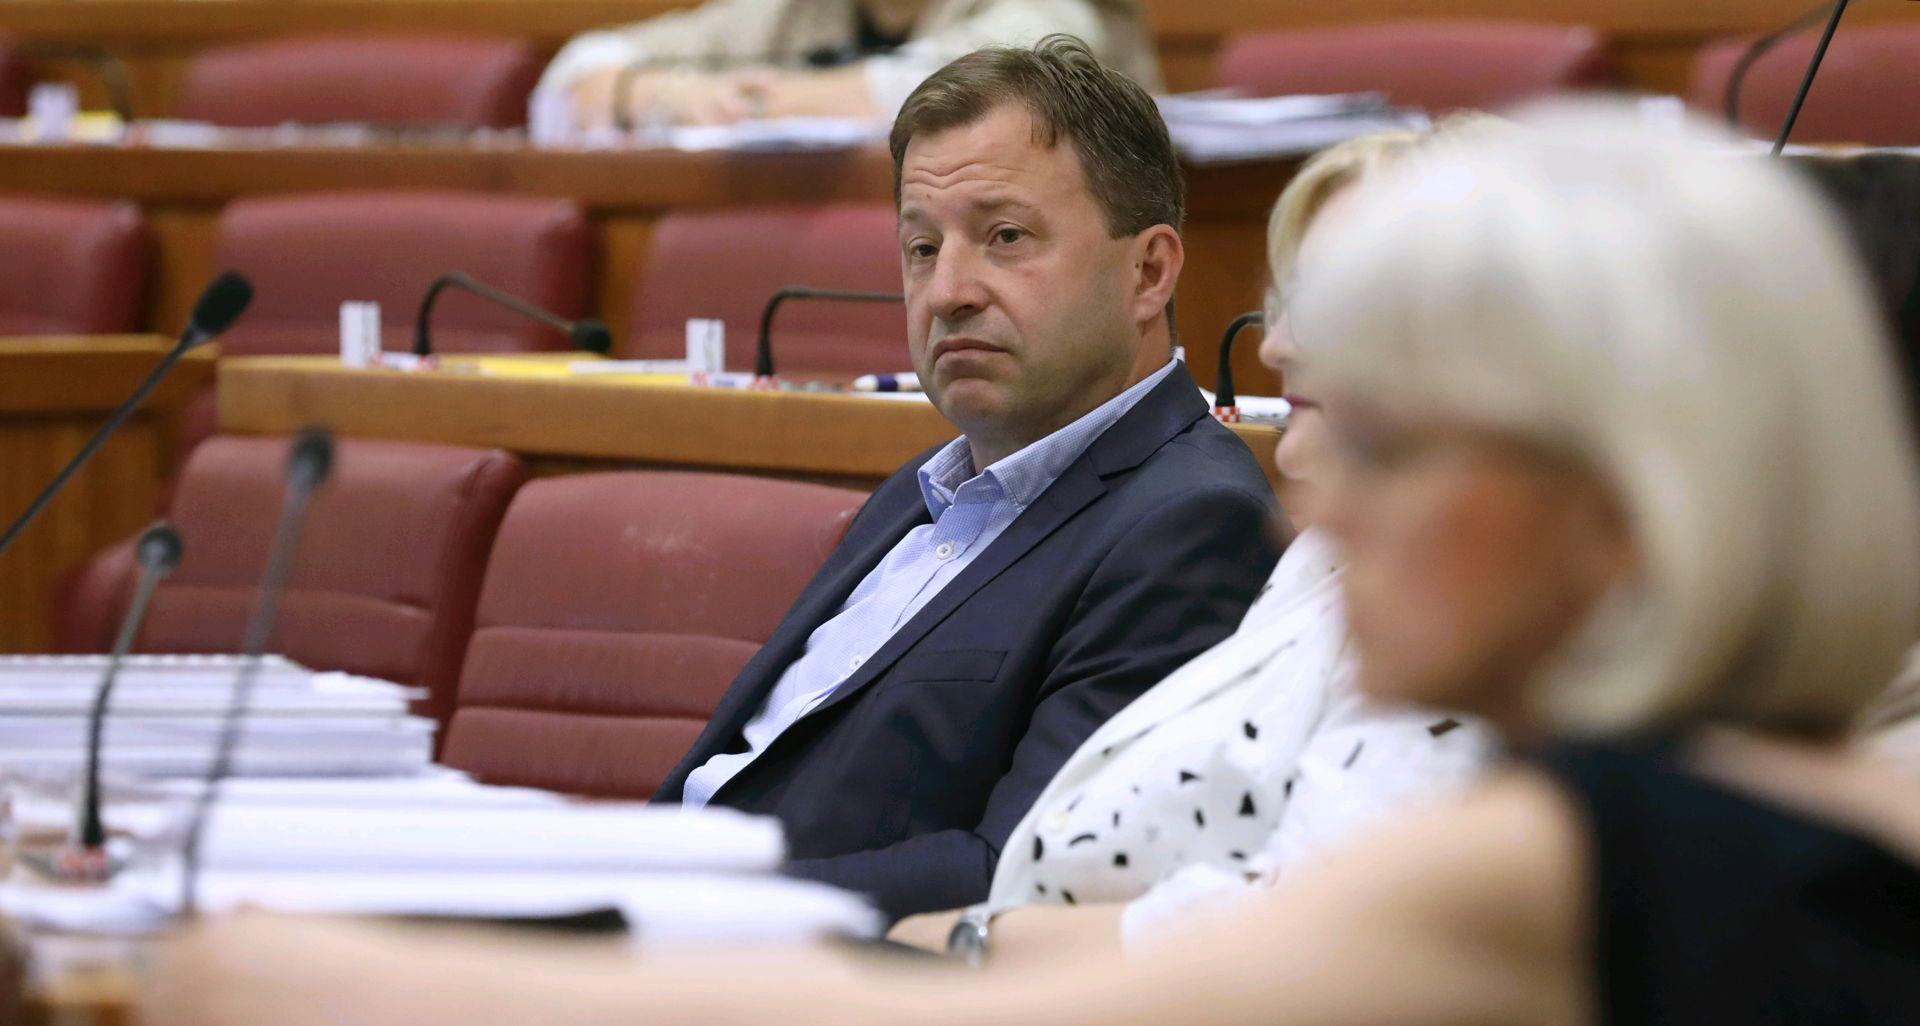 PANENIĆ 'Plenković se nastavlja degradirajuće ponašati prema svom timu'